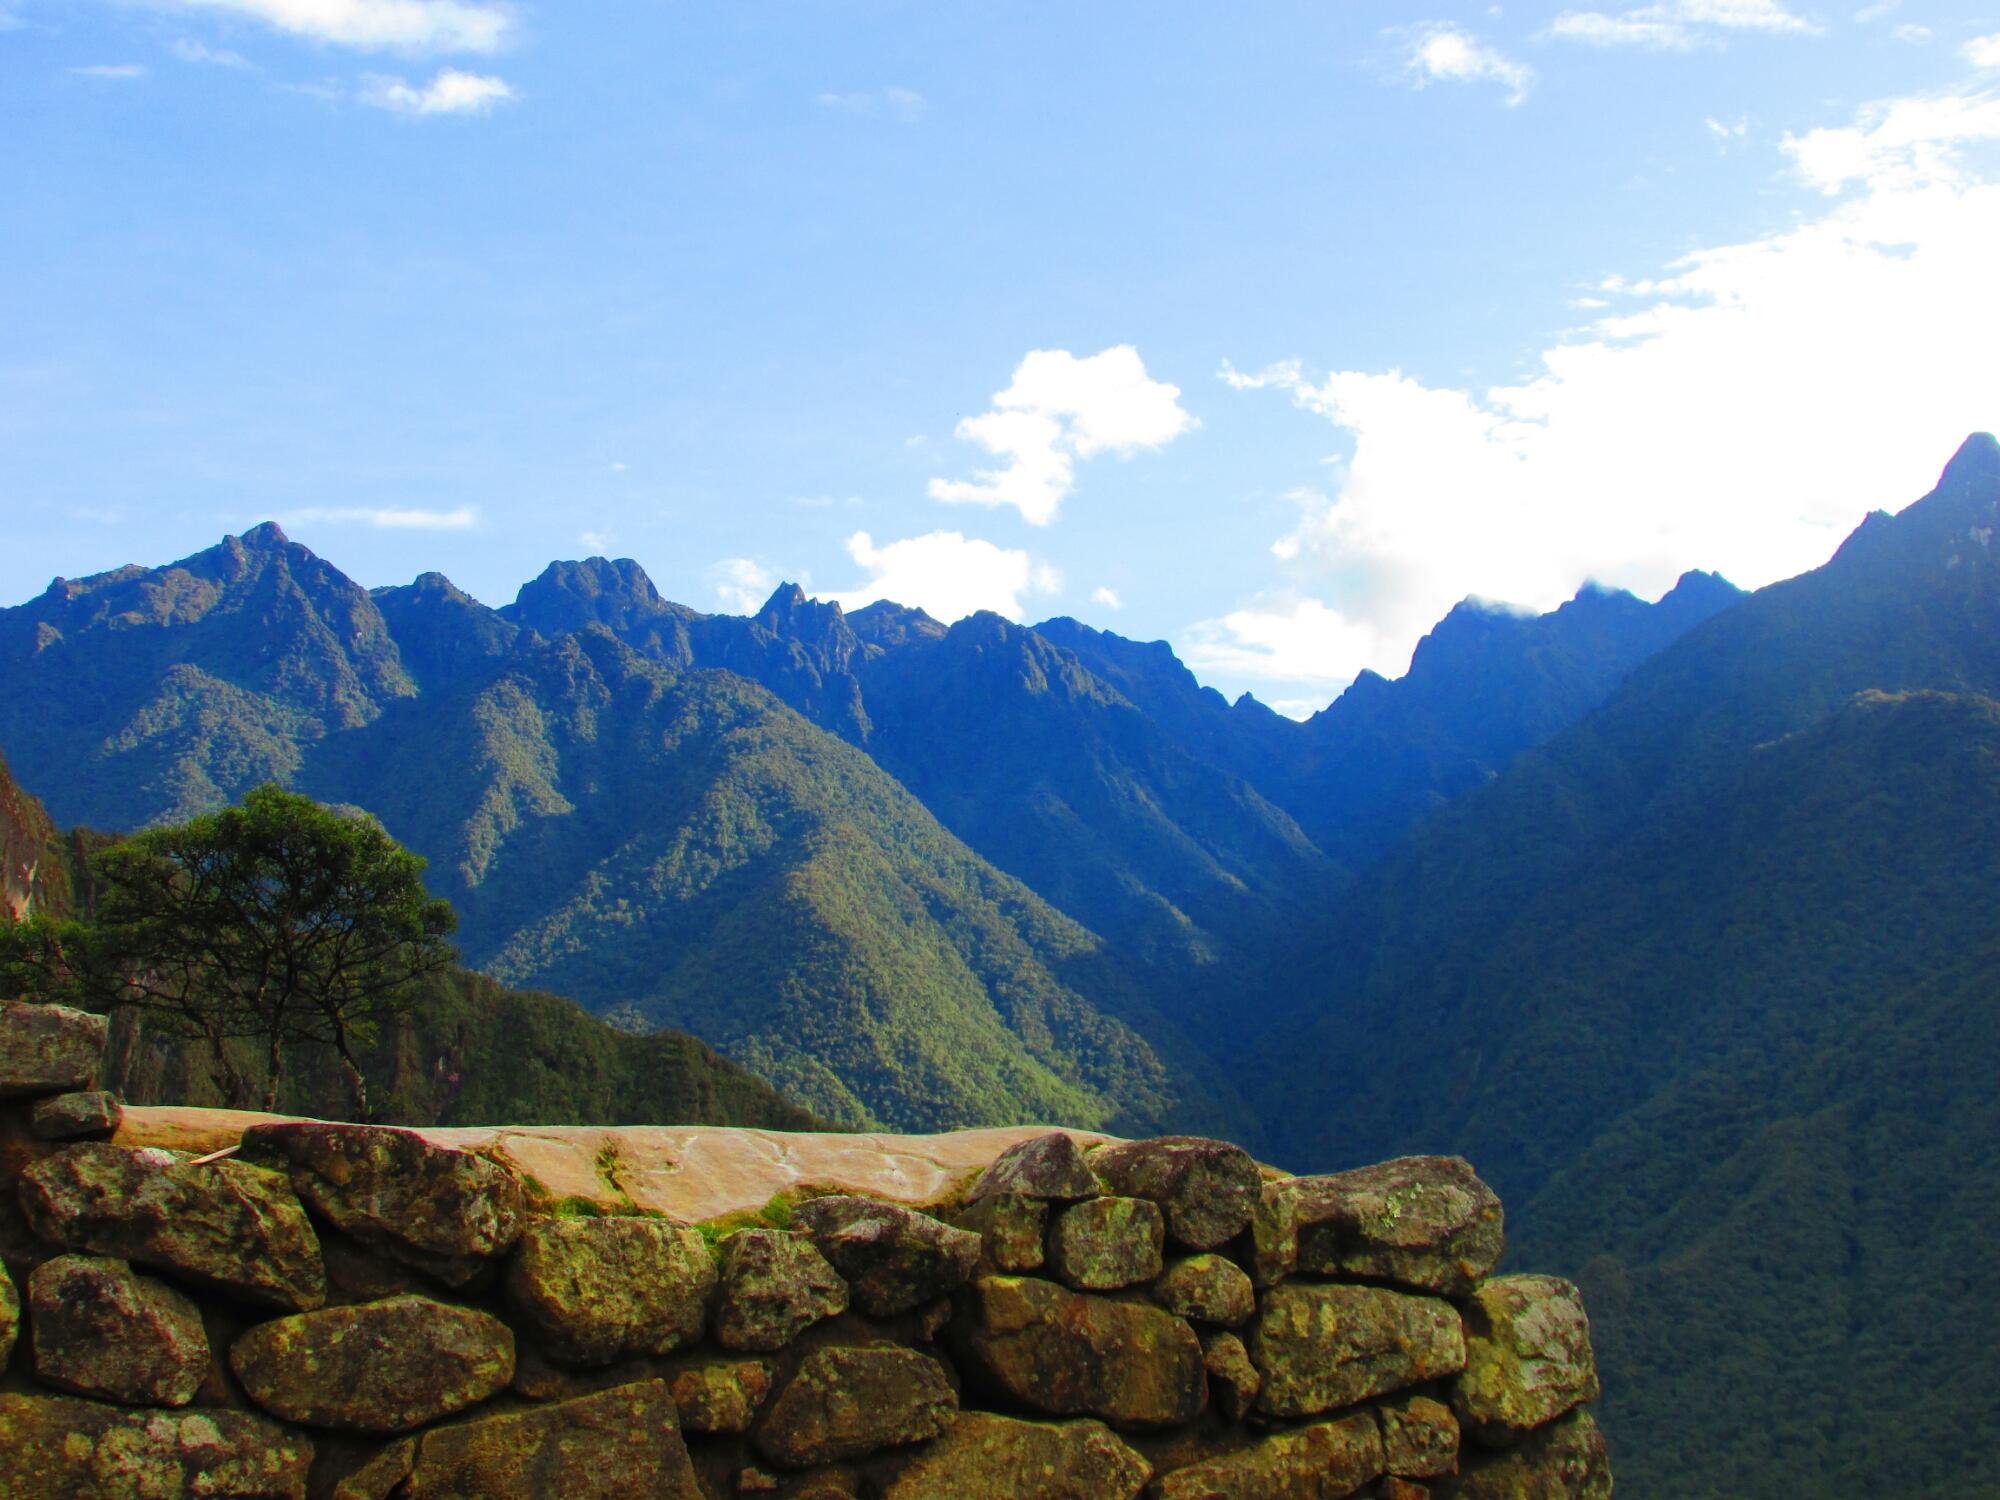 las montañas que rodean la ciudadela inca de Machu Picchu